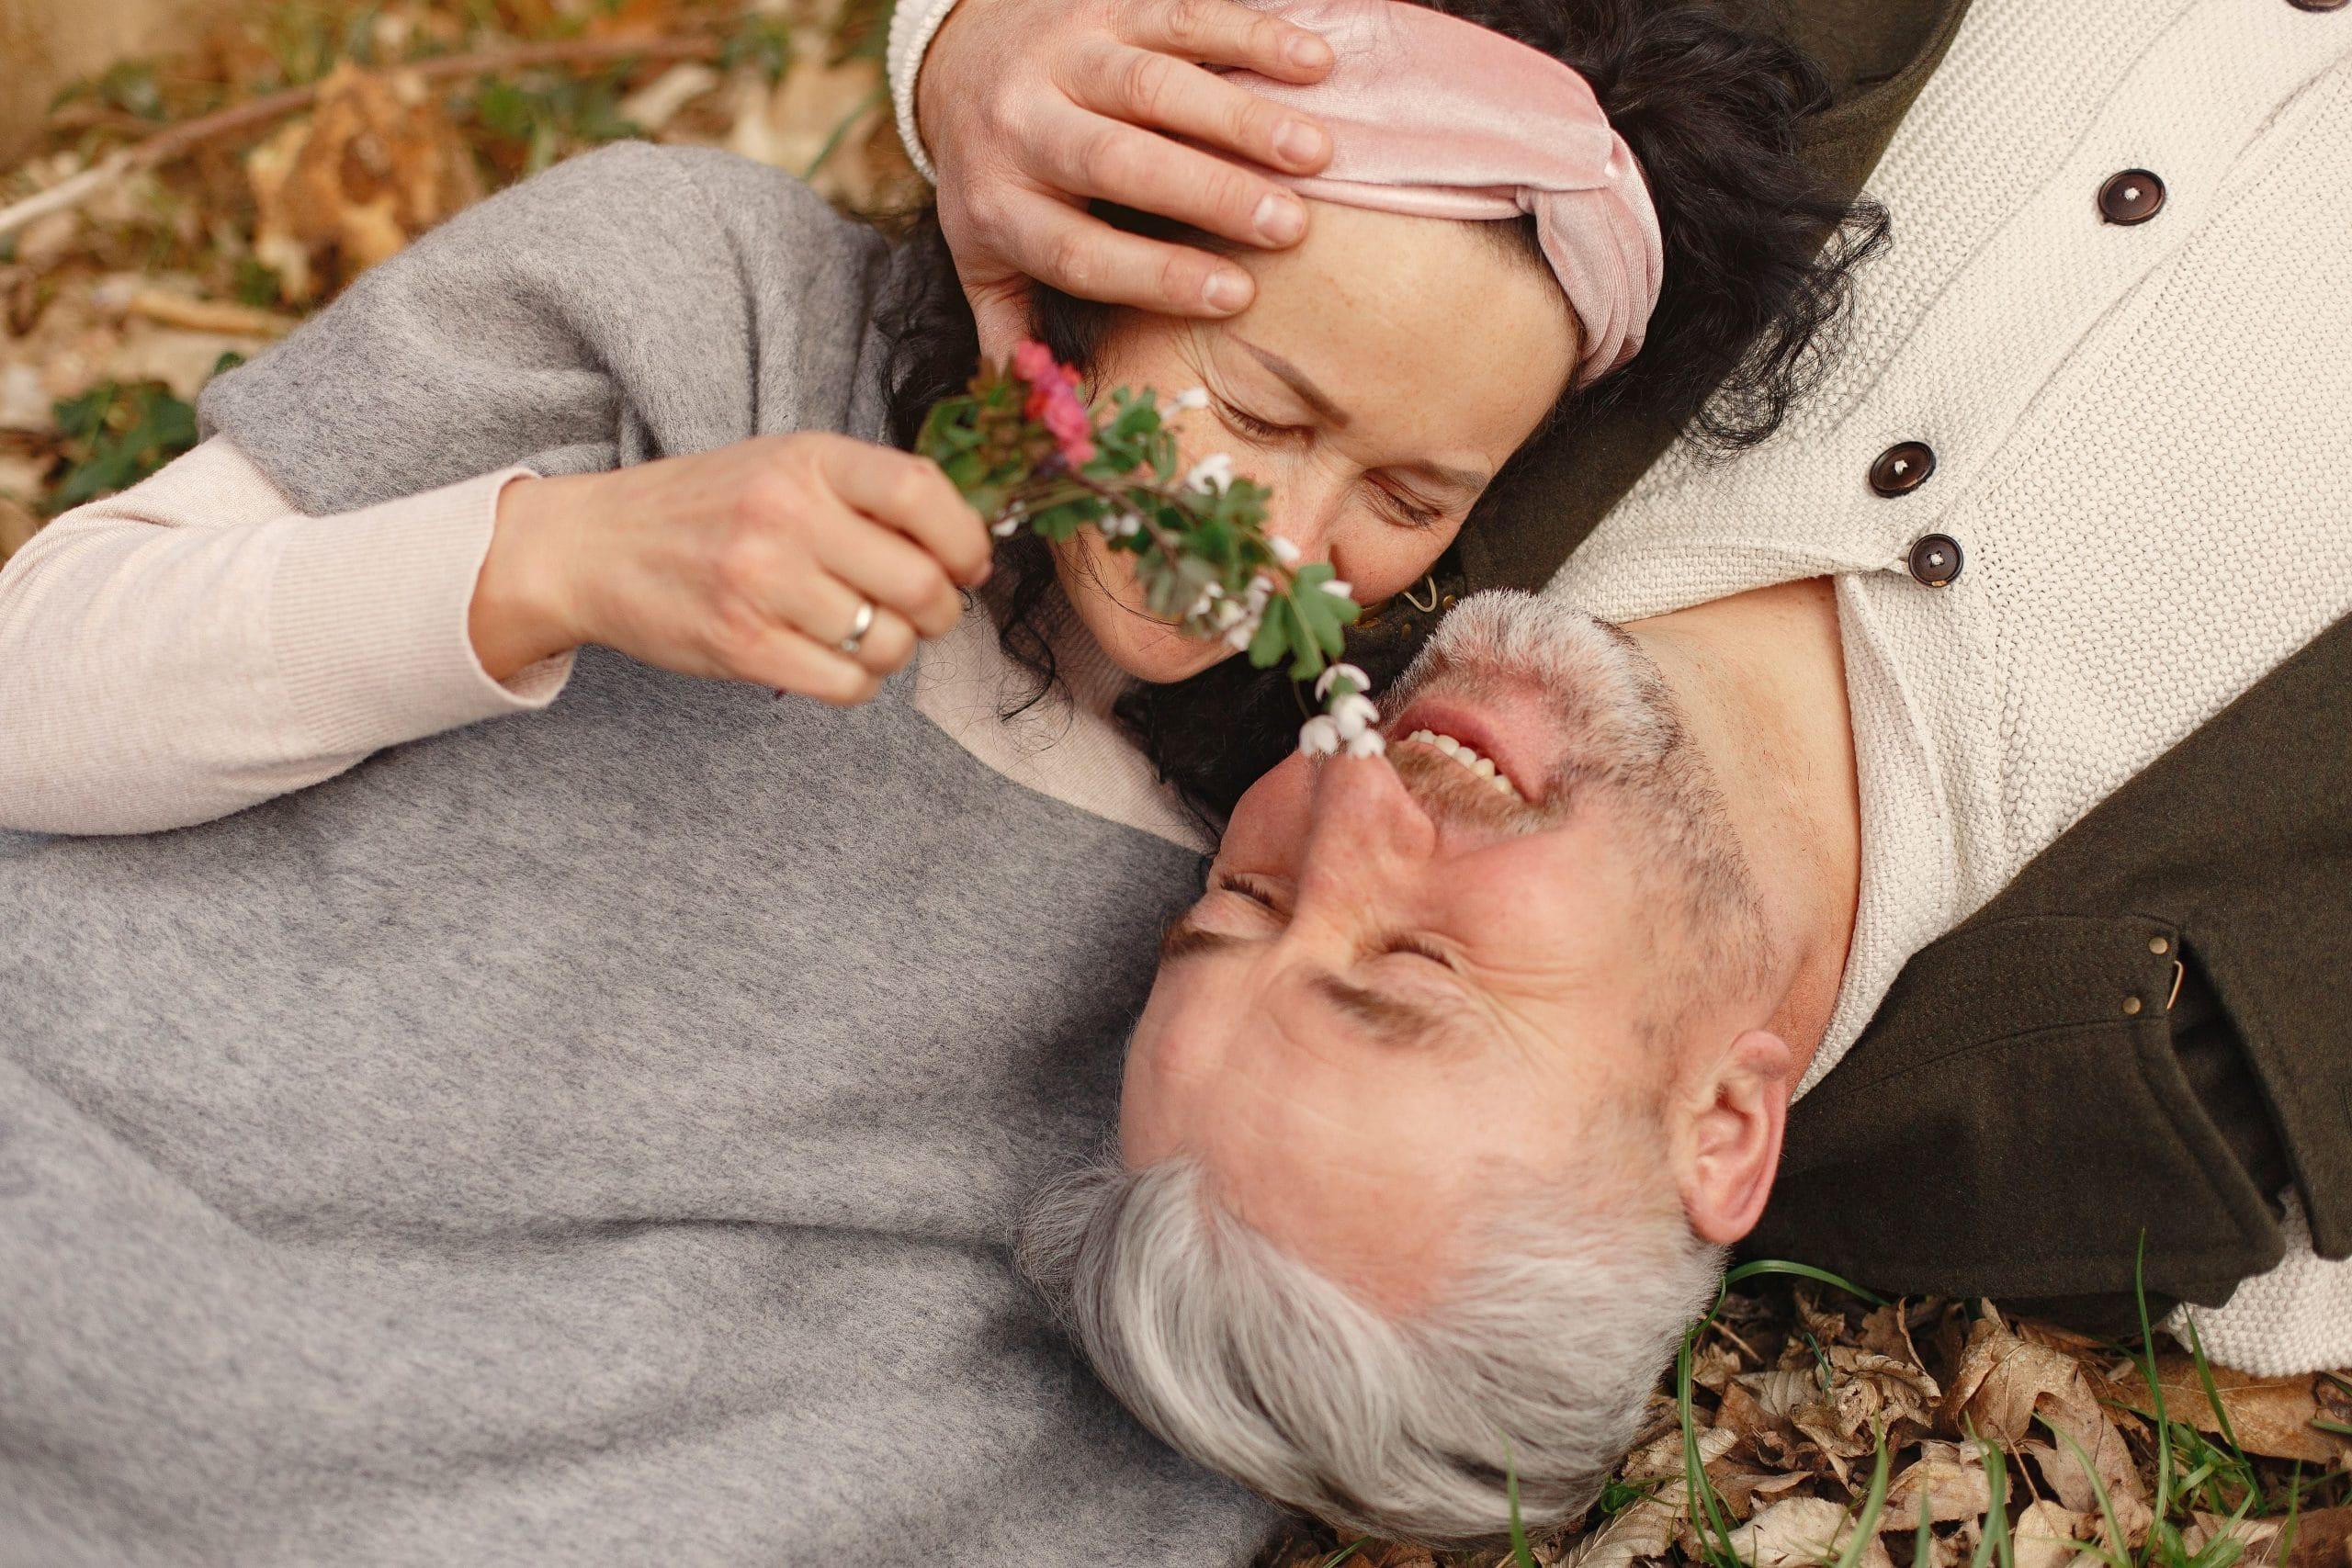 Deux personnes heureuses d'entendre grâce à un implant cochléaire